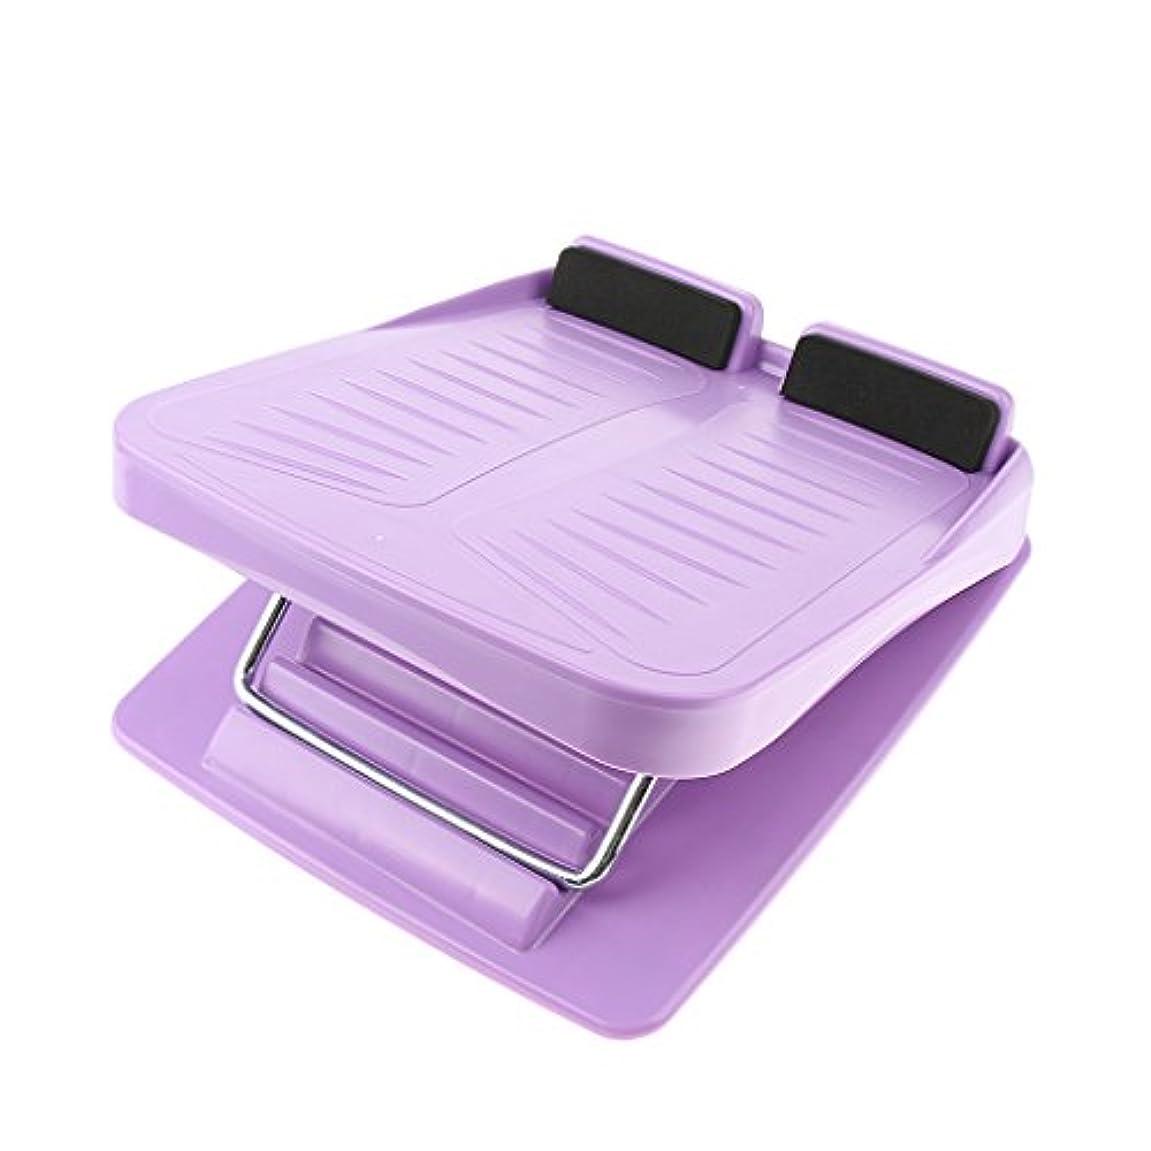 コンサルタント関連付ける流出ストレッチボード ストレッチ台 調整可能 アンチスリップ カーフストレッチ 斜面ボード 全3色 - 紫の